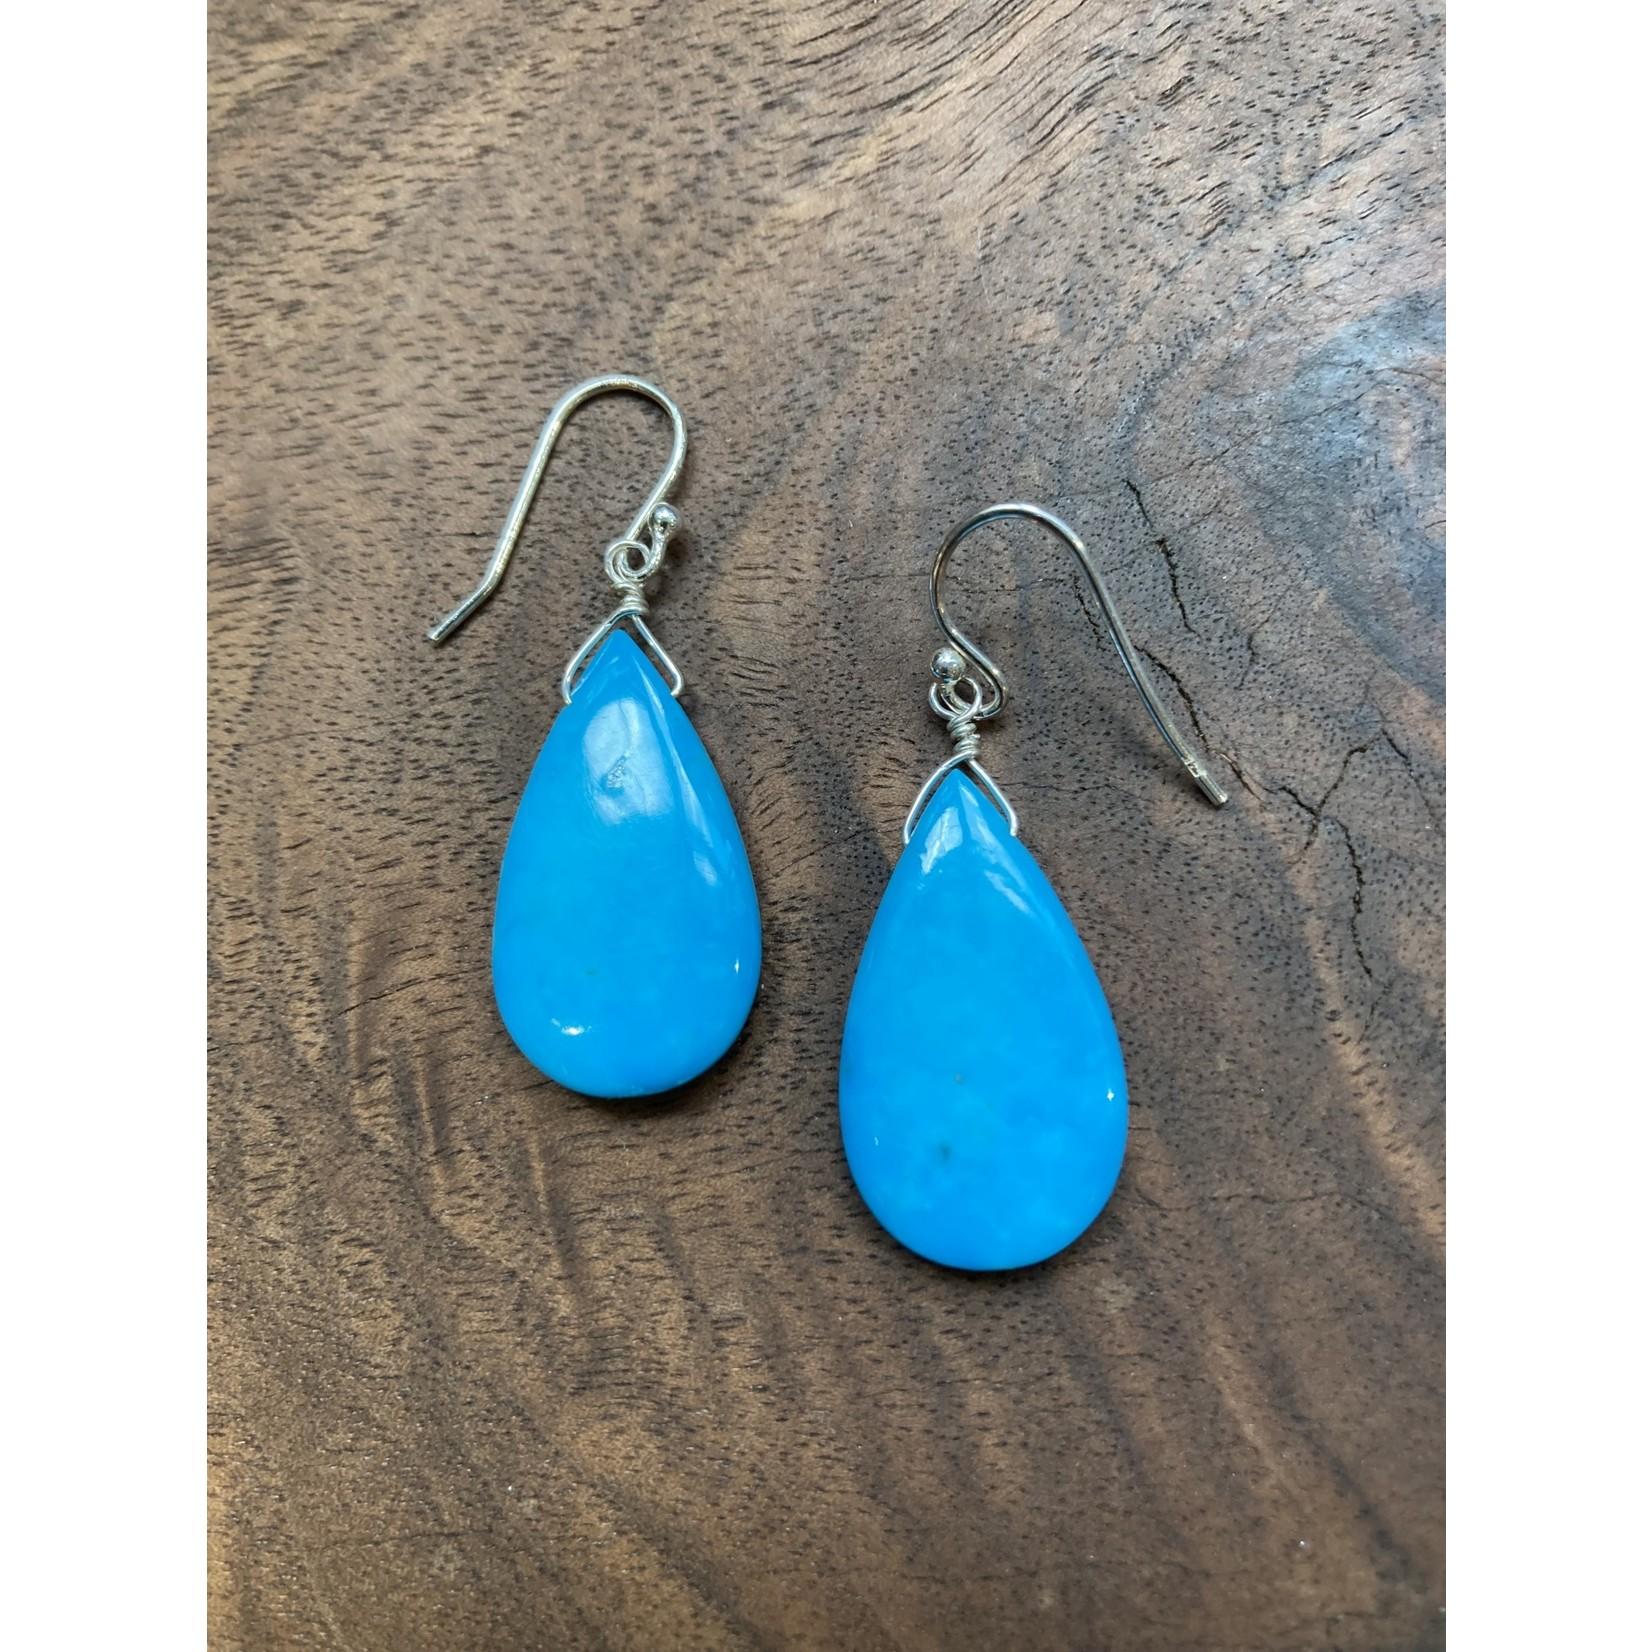 Jeanne Shuff Jeanne Marie Jewelry   #6 Wire Wrapped Turquoise Drop Earrings